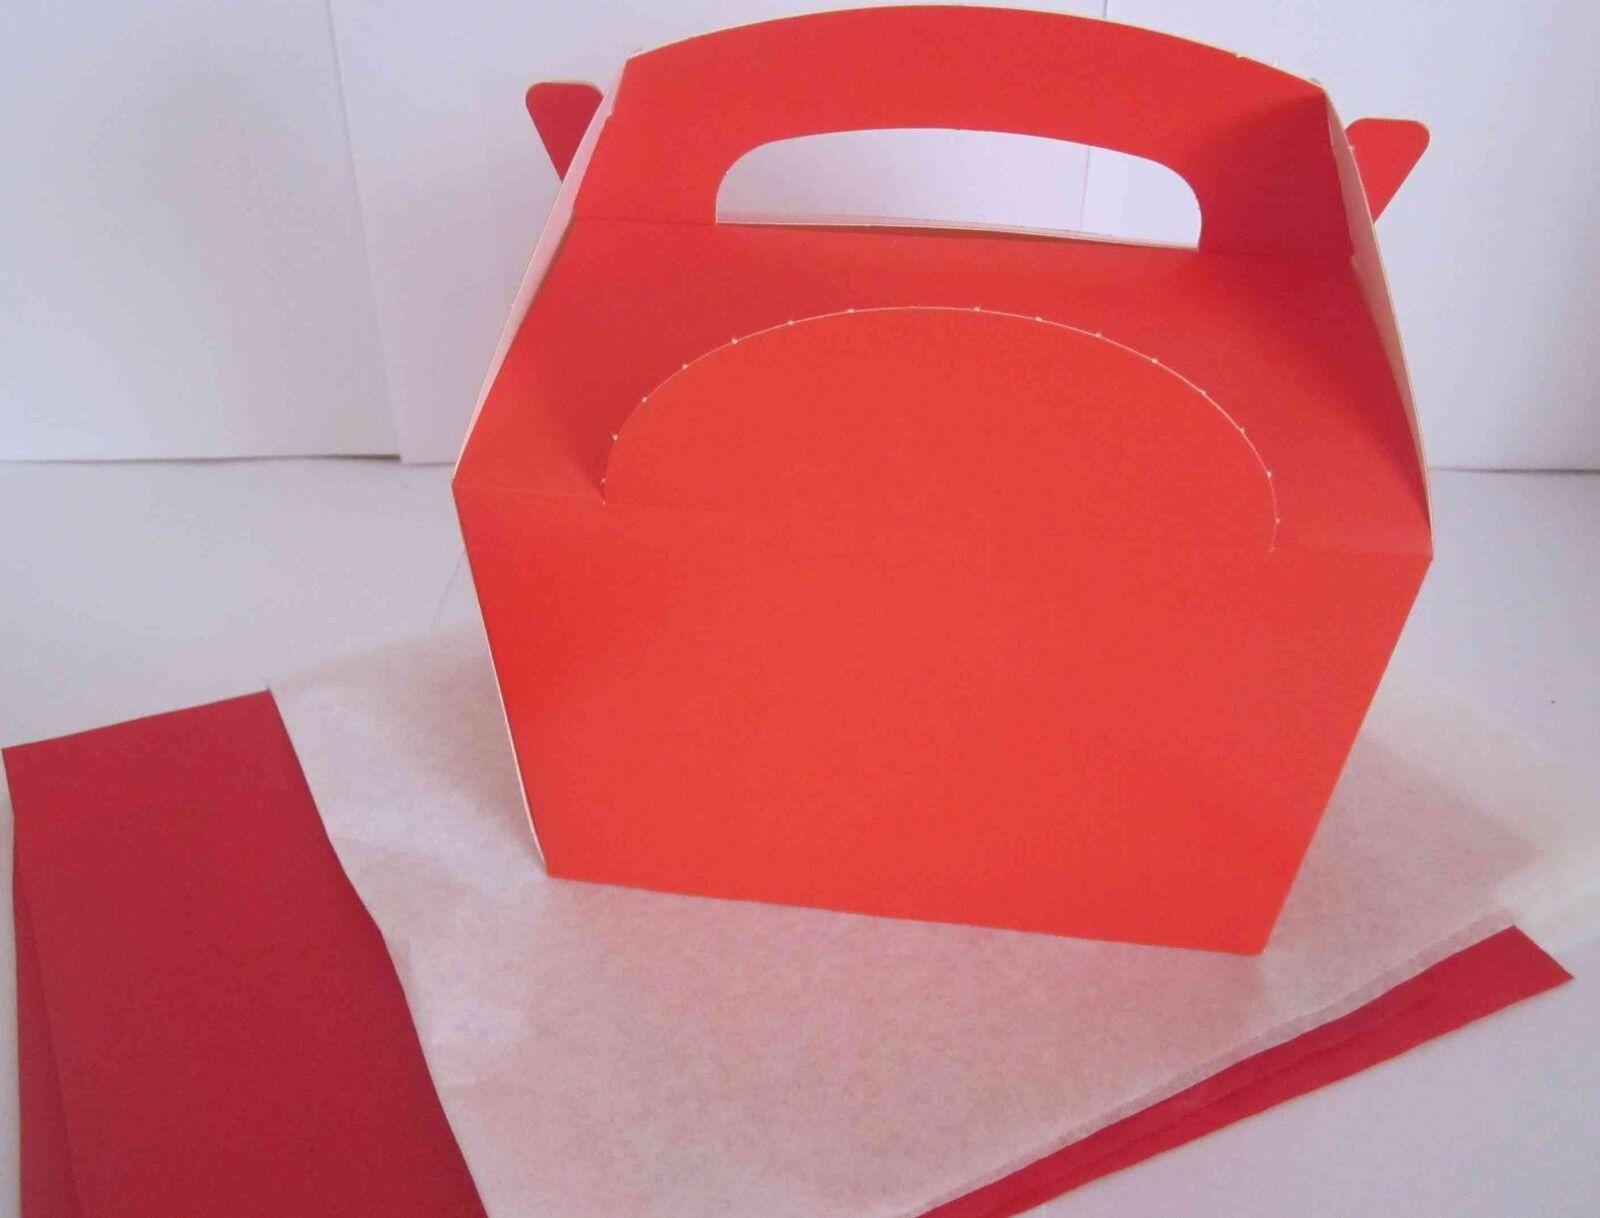 Weihnachten Rot Geschenk Party Geschenkbox Boxen mit 2 Seidenpapier